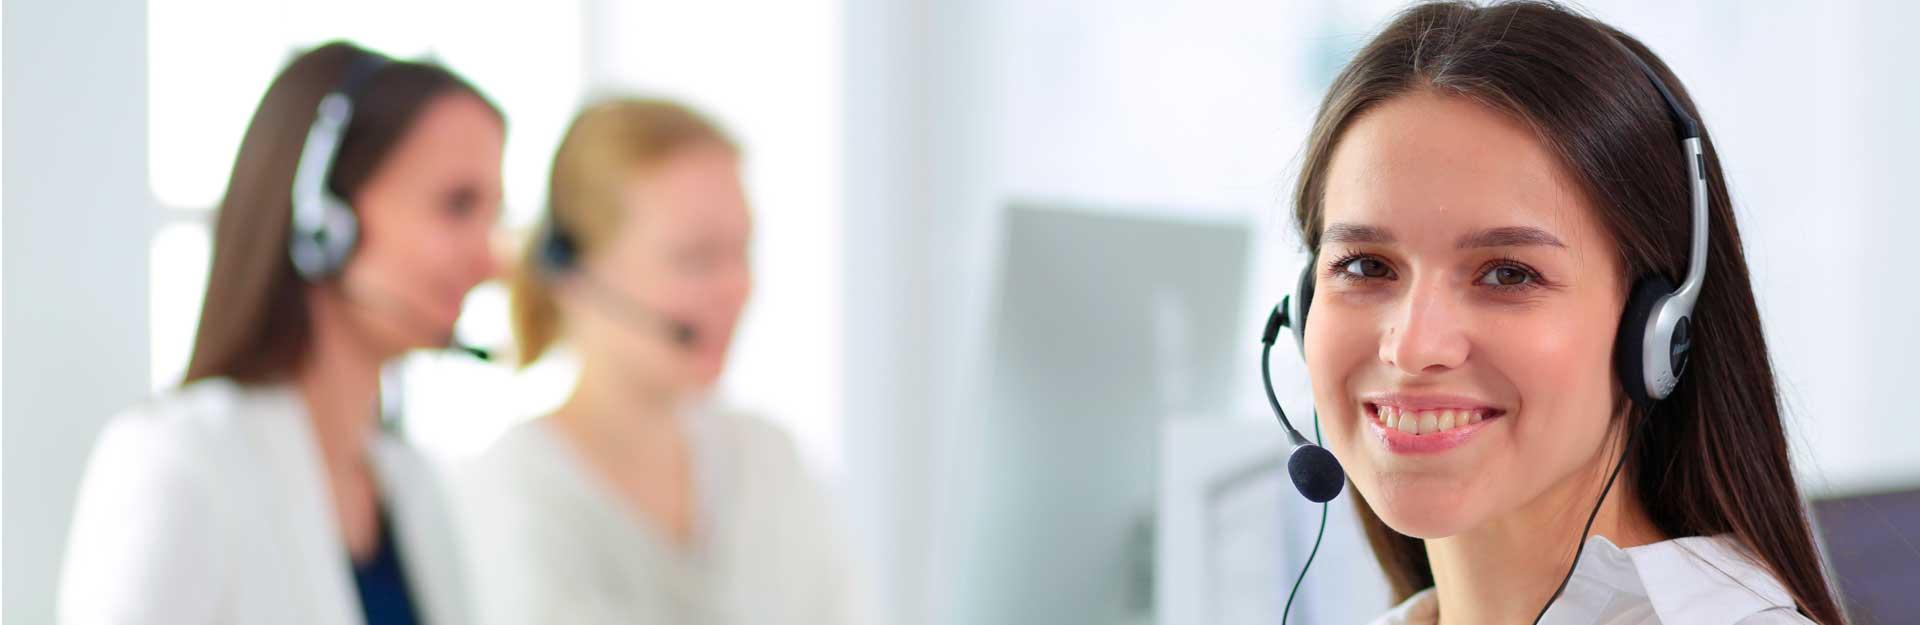 Una empleada sonríe ante la cámara mientras dos compañeras trabajan al fondo.